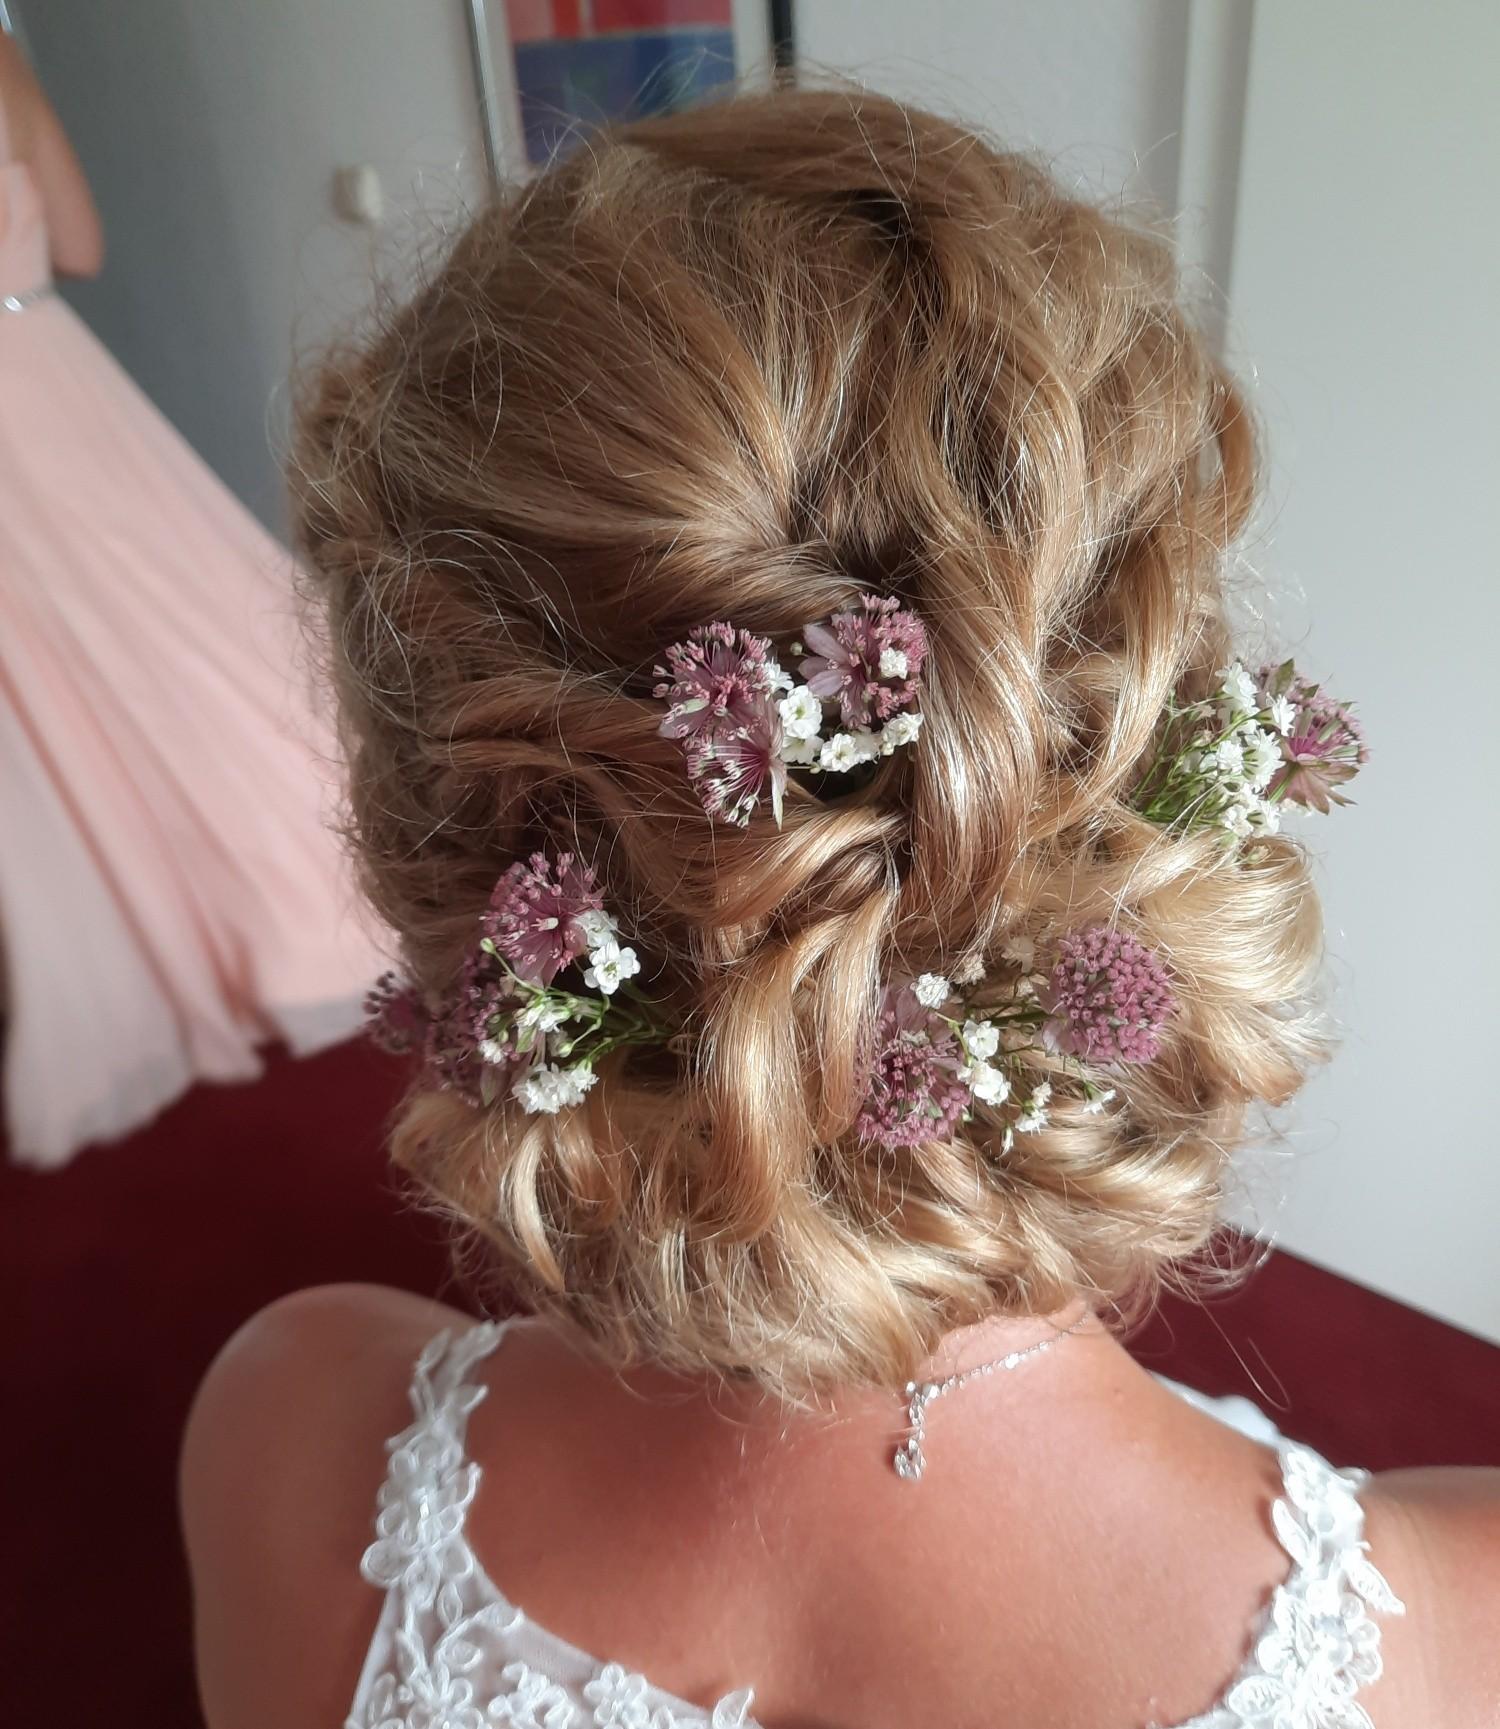 Frisuren mit Blumen 3